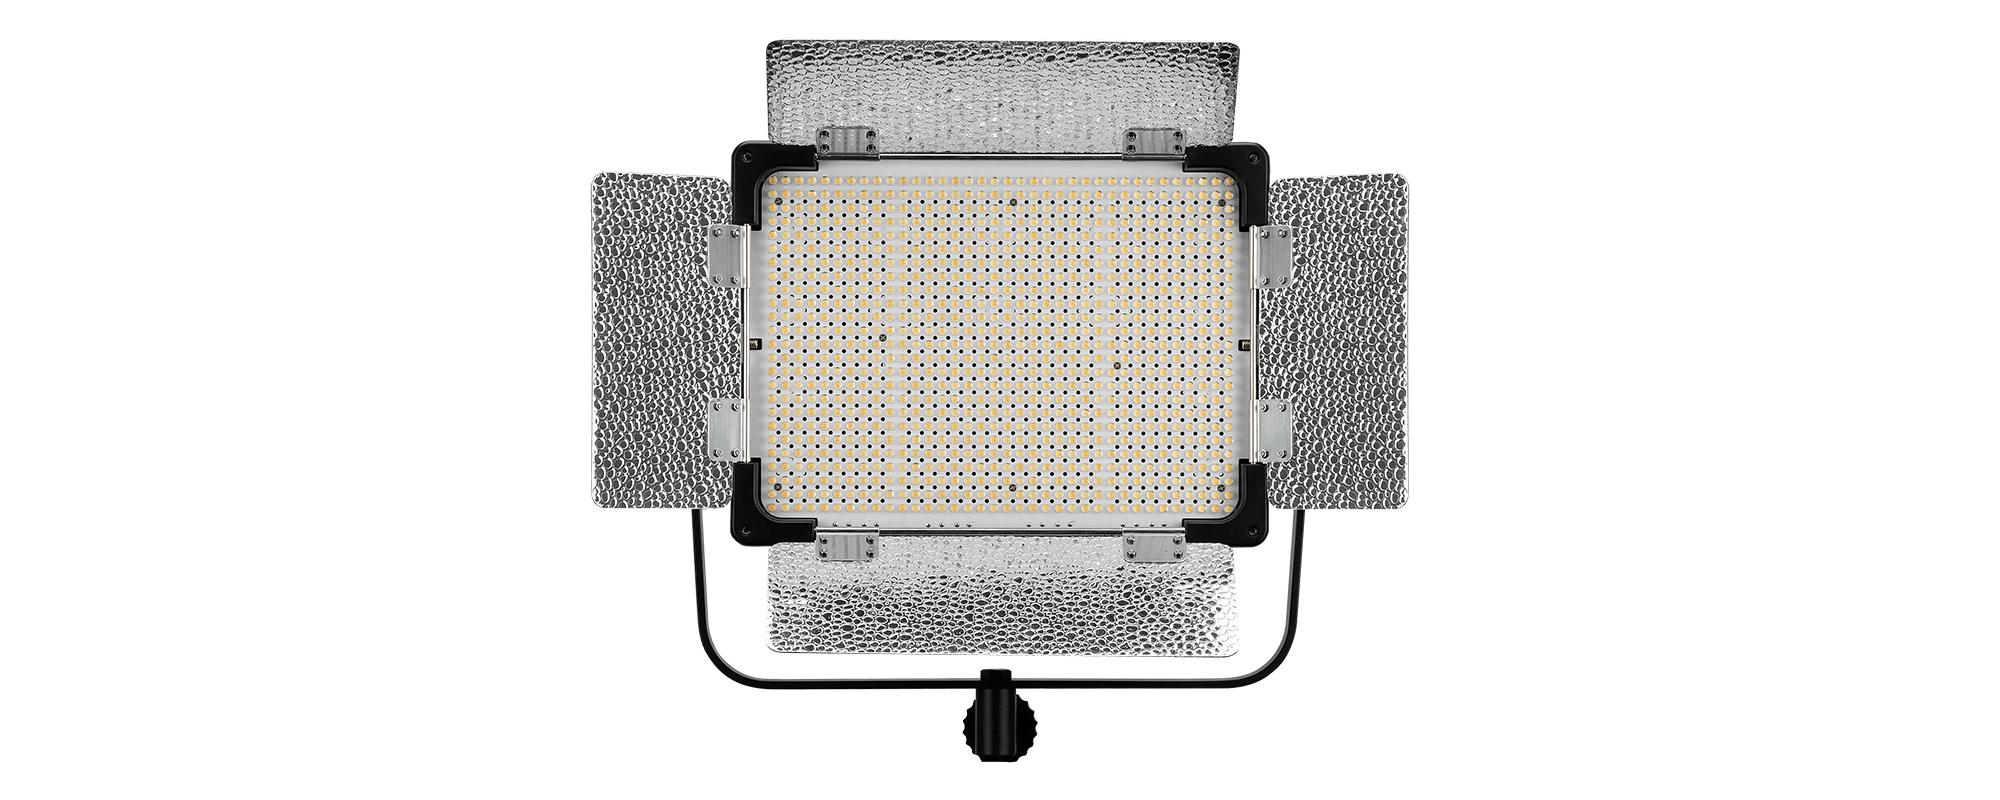 Lampa LED Yongnuo YN9000 - WB (3200 K - 5600 K)